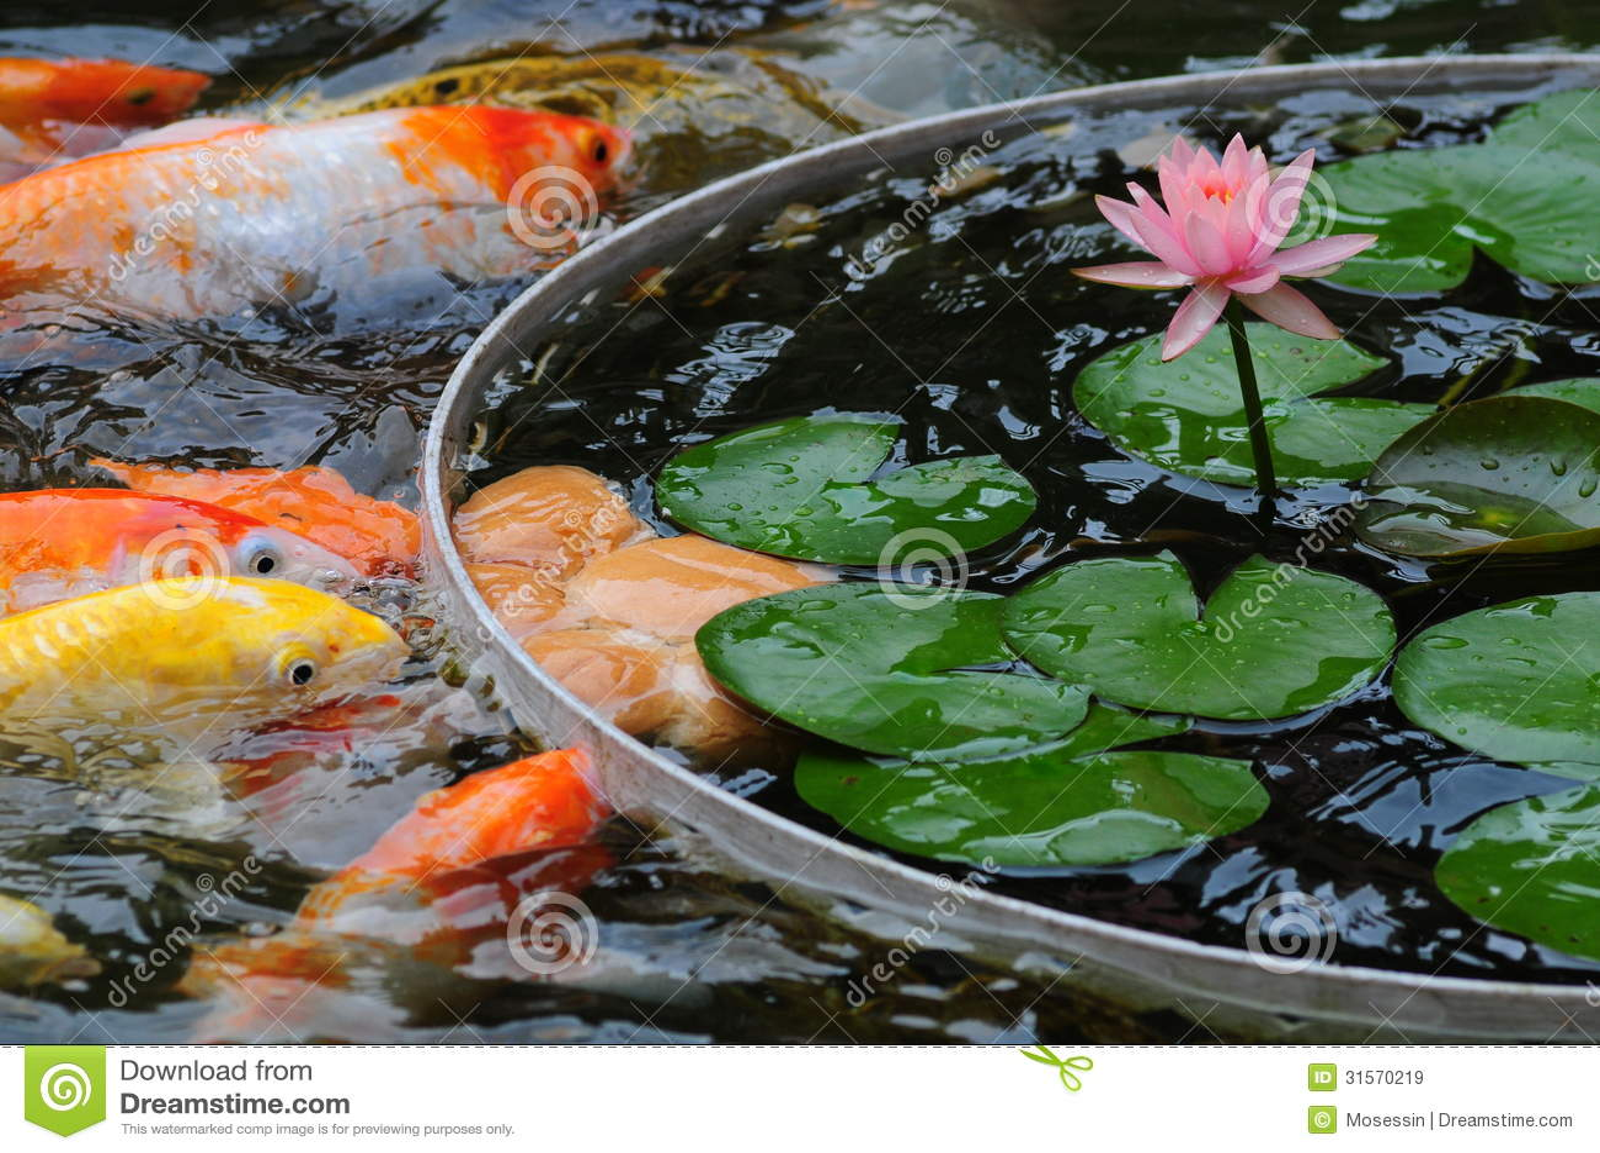 Vissen In Vijver : Vissen in vijver stock afbeelding afbeelding bestaande uit